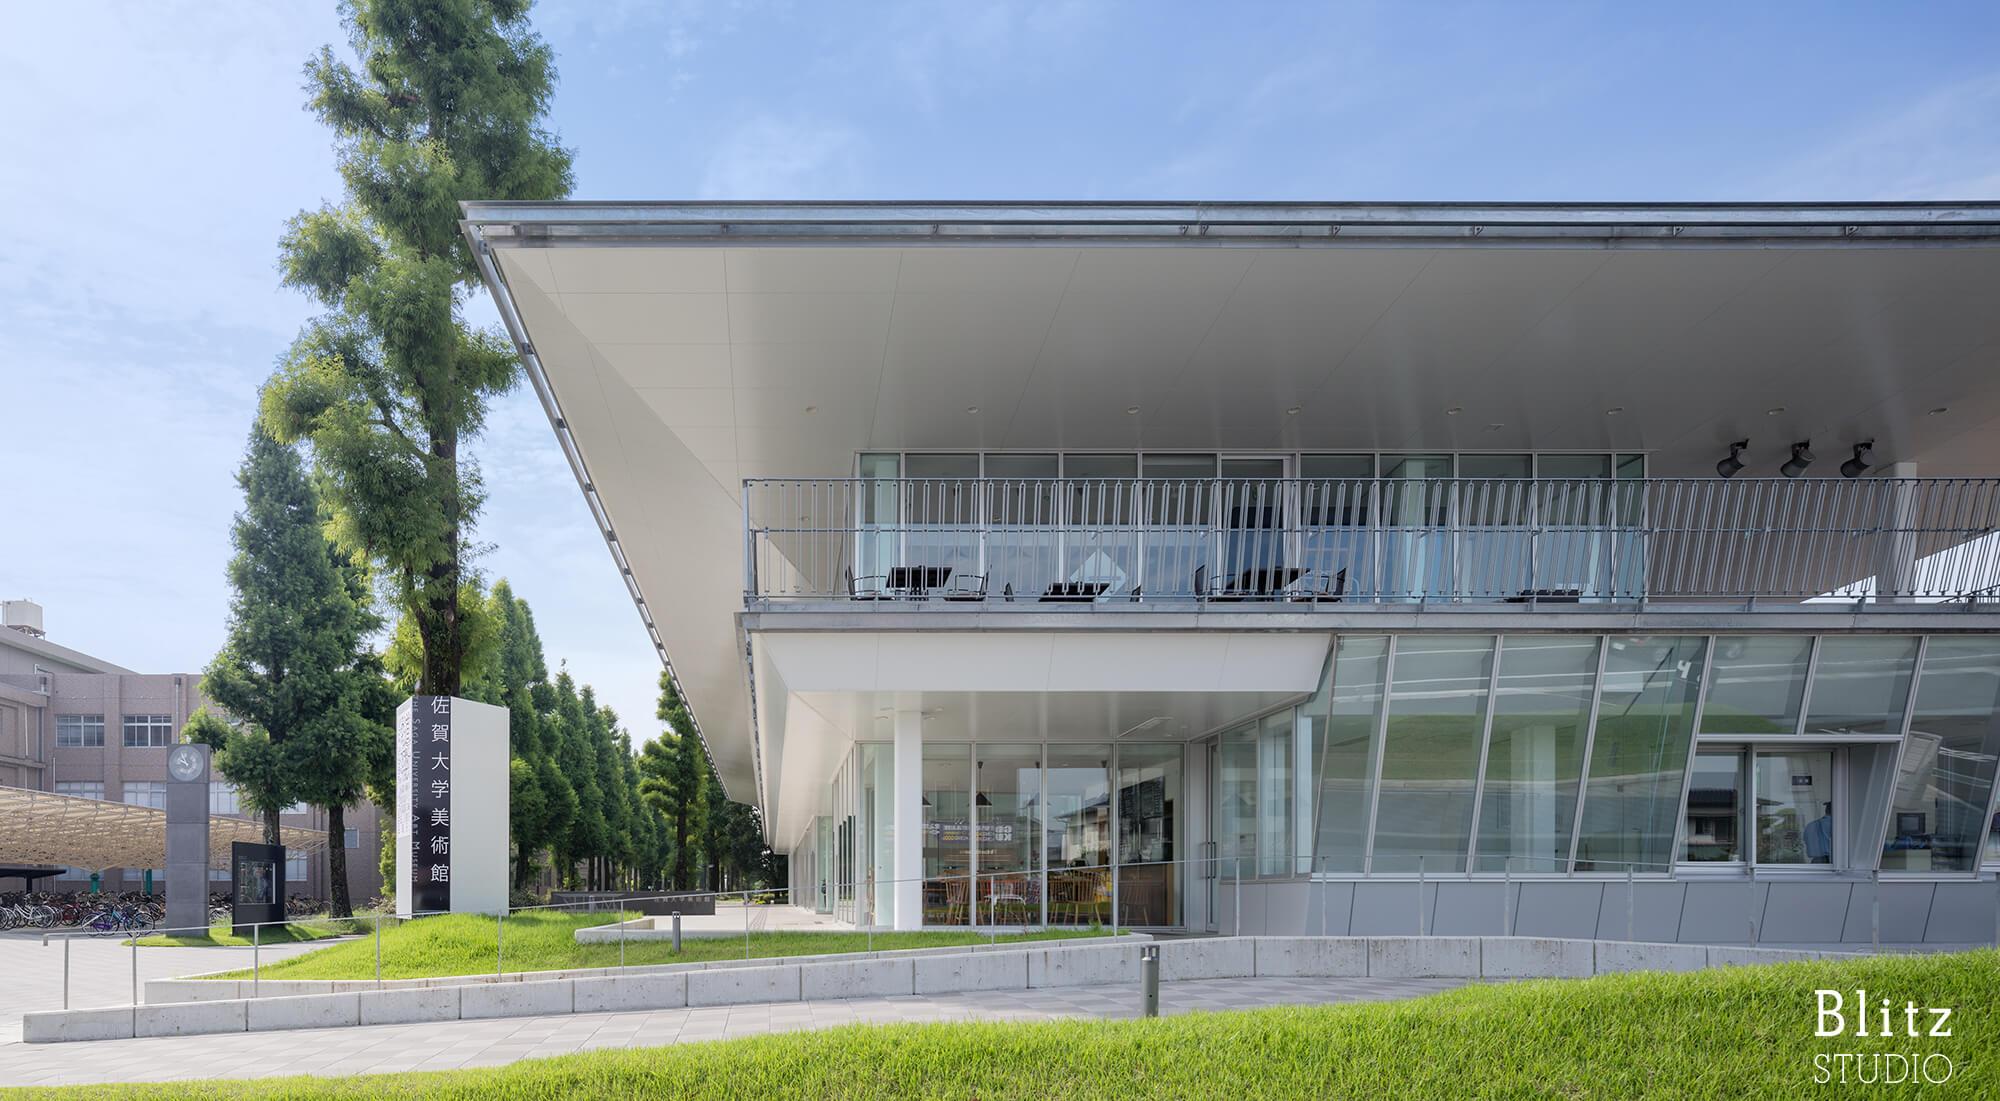 『佐賀大学 美術館』-佐賀県佐賀市-建築写真・竣工写真・インテリア写真1